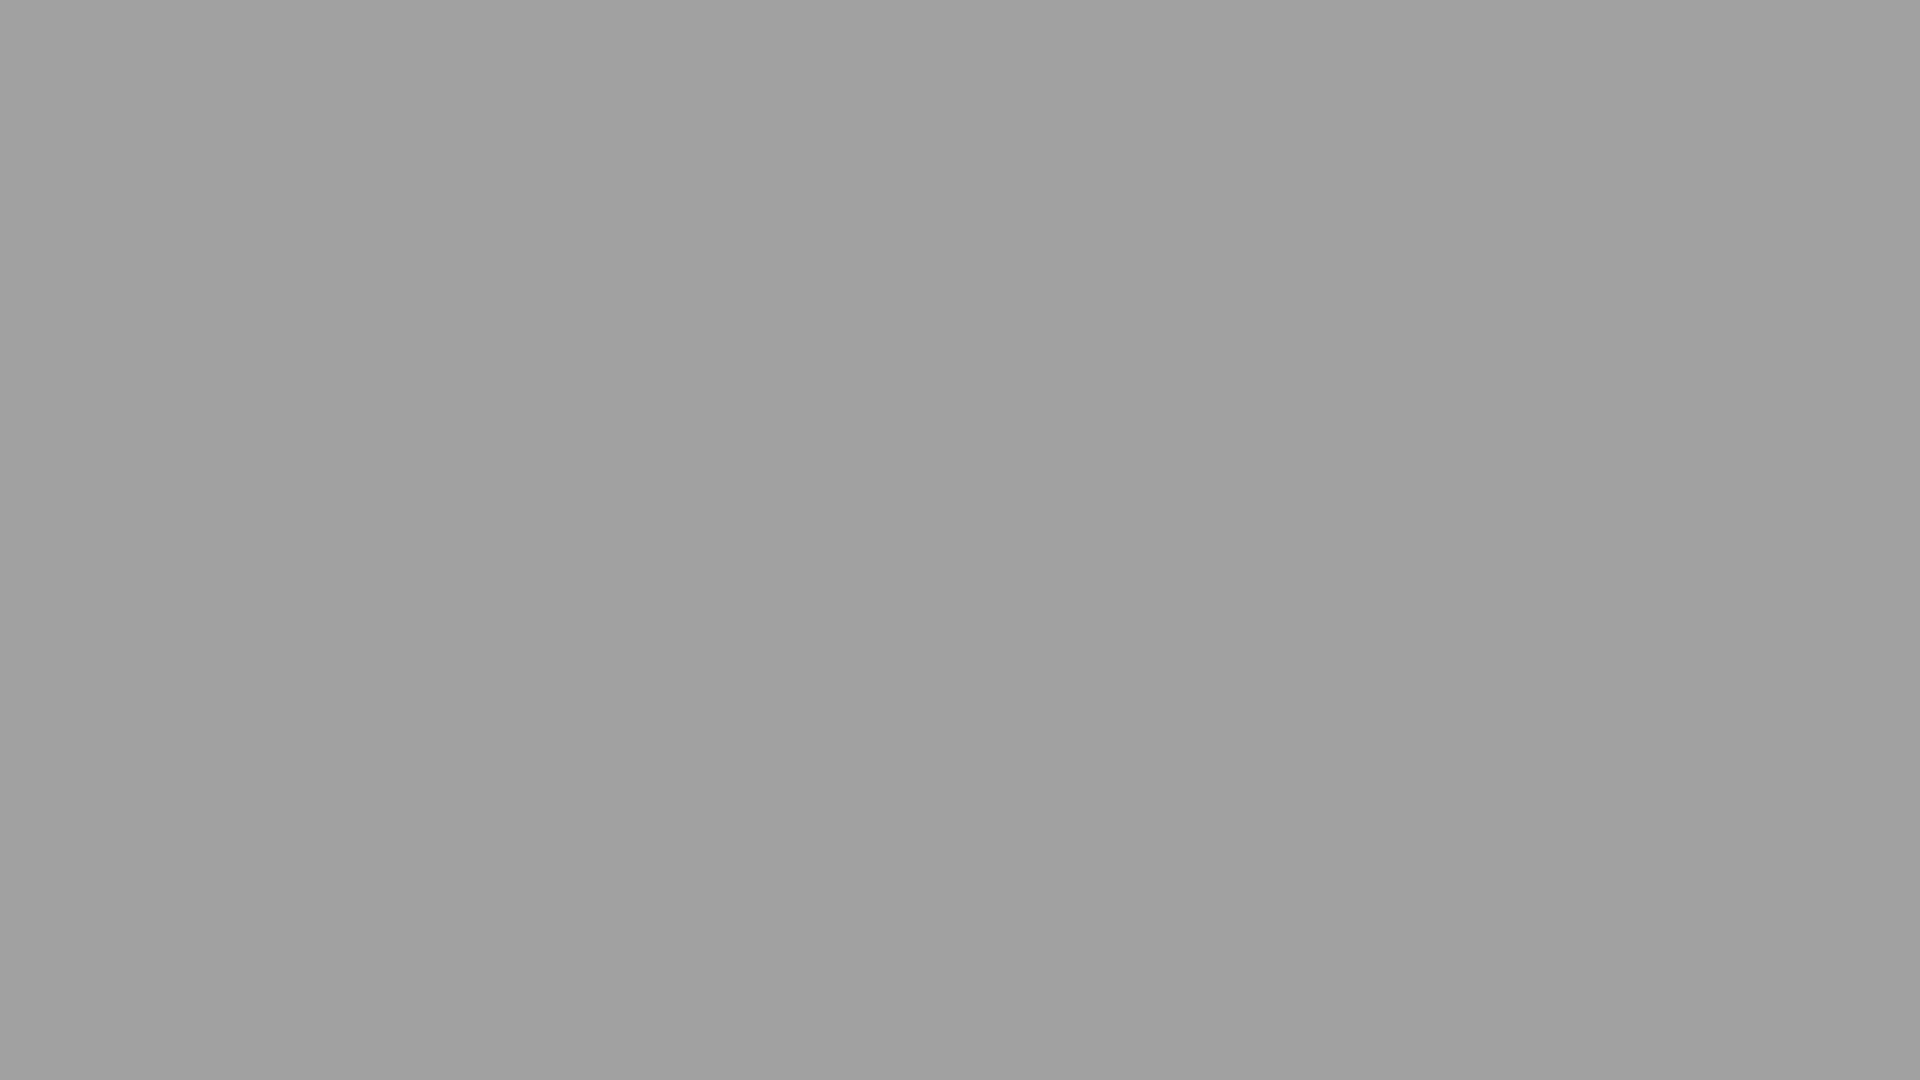 SMS Deurtechniek - RAL 9006 - blank aluminiumkleurig